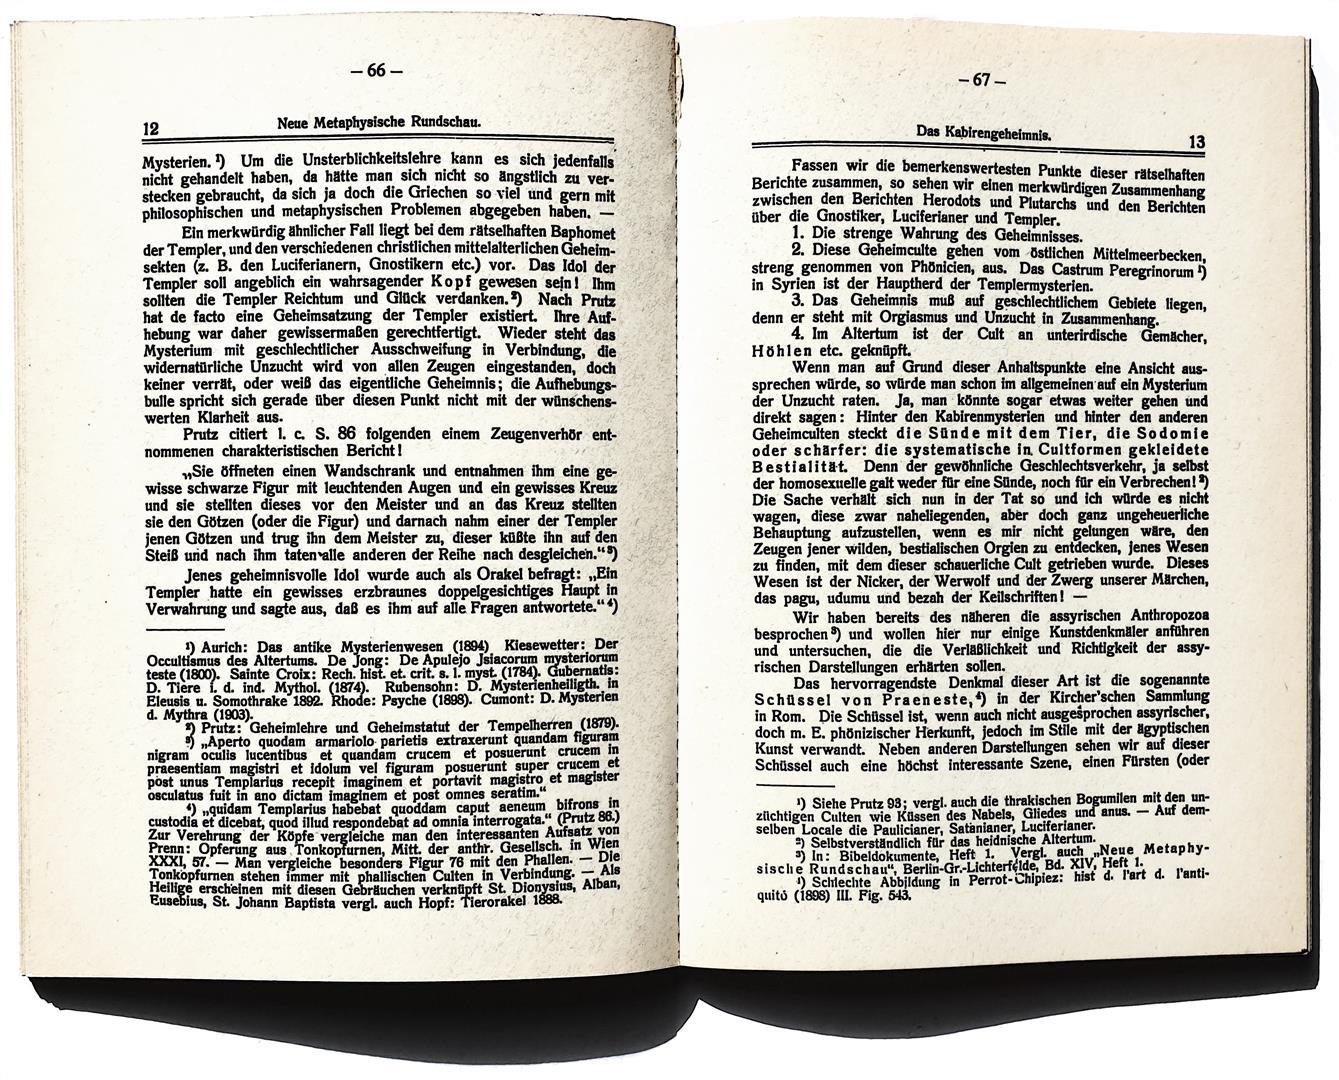 Lanz von Liebenfels — Neue Metaphysische Rundschau — Das Kabirengeheimnis